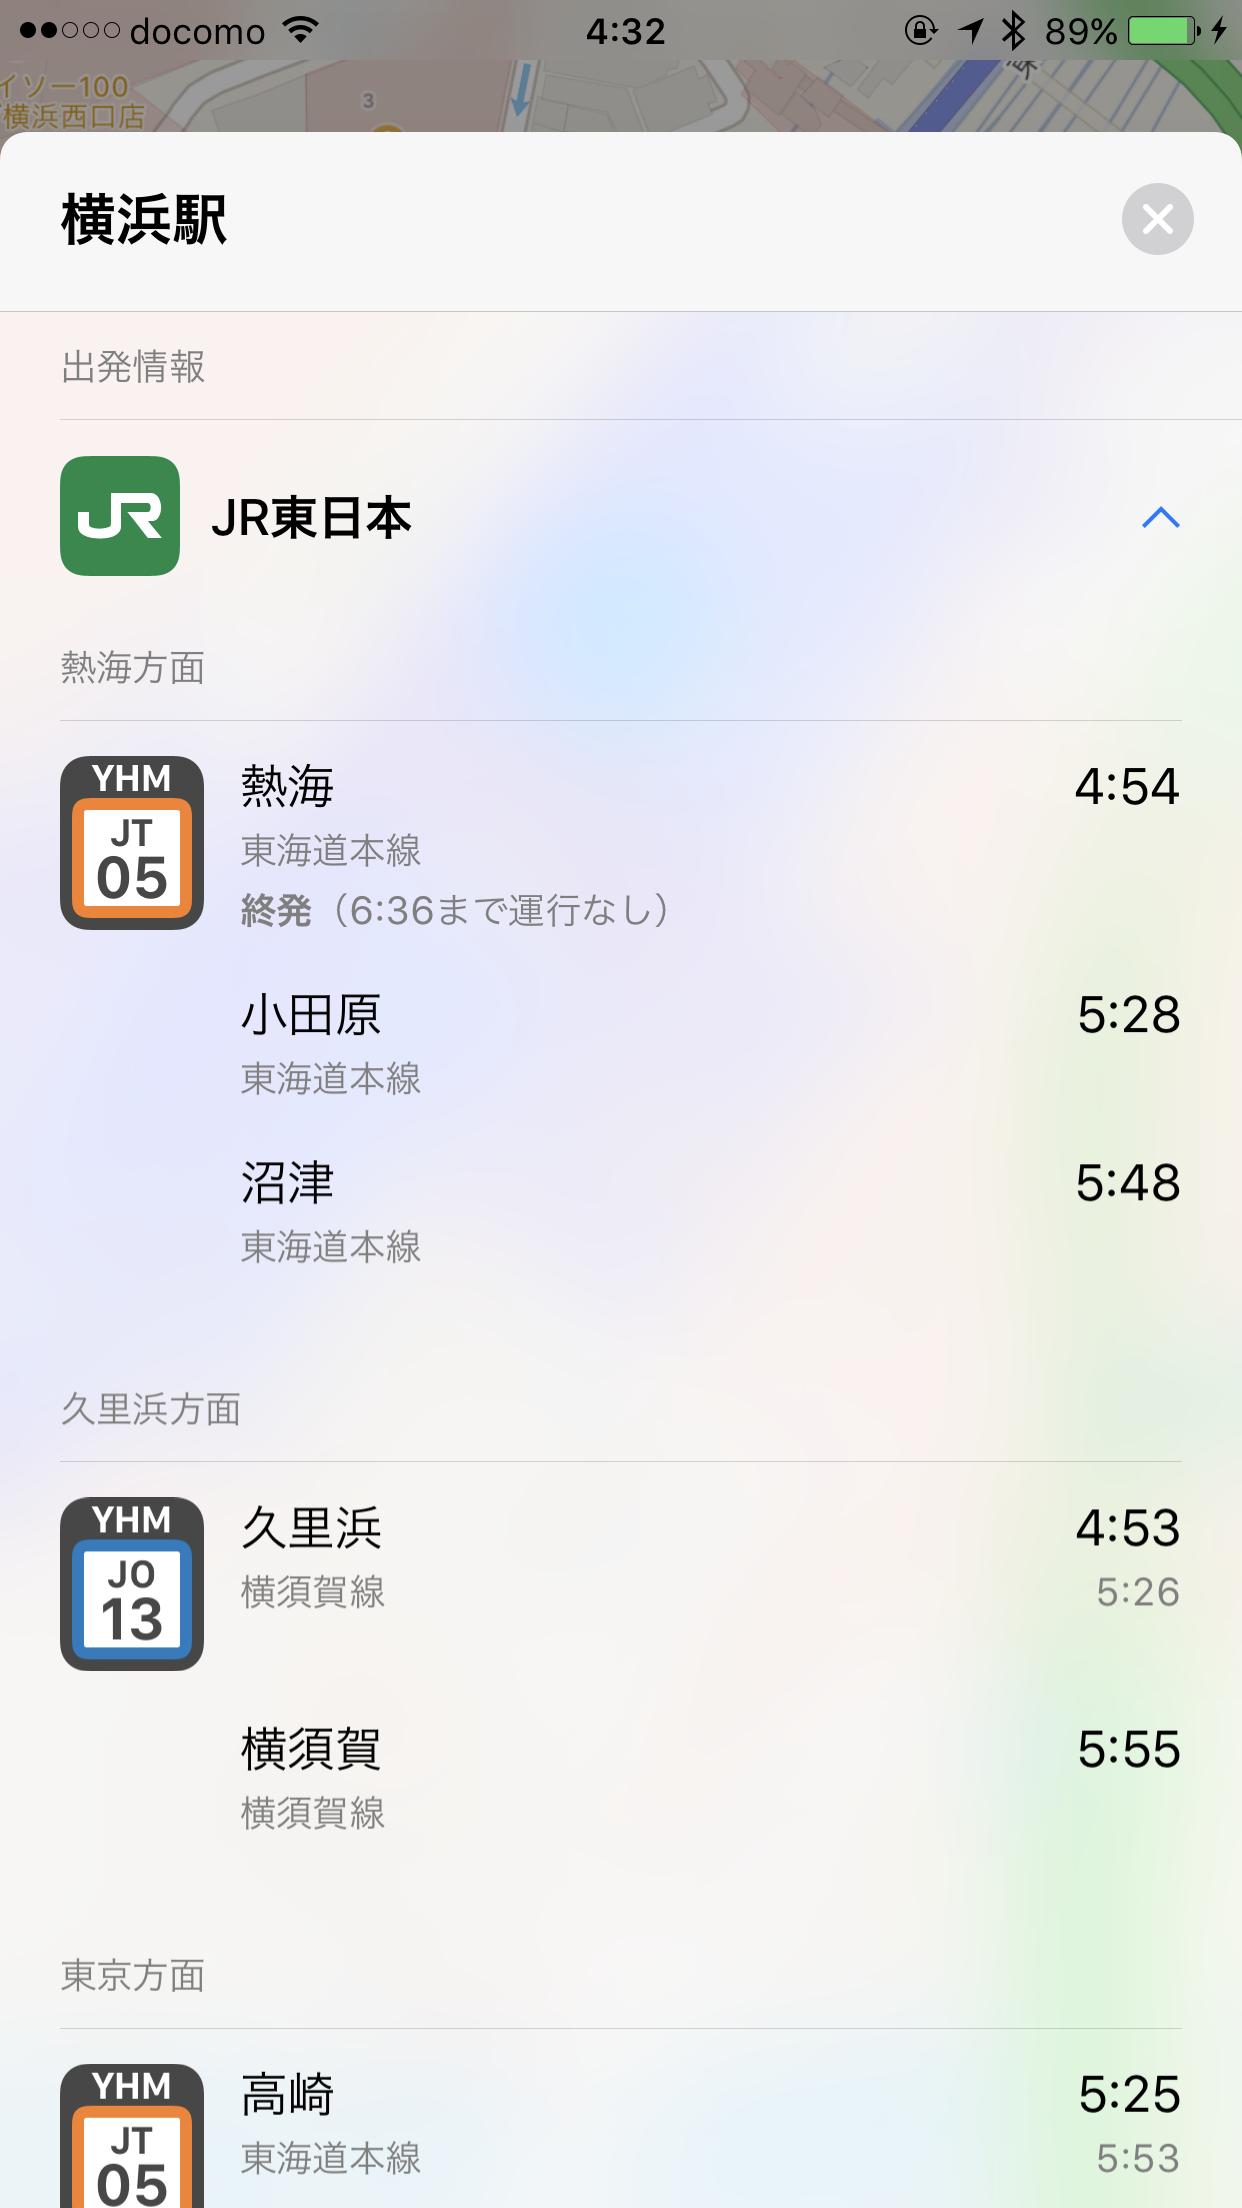 iOS10.1のアップデートで純正マップの機能強化。交通機関は路線・駅ナンバリングにも対応!